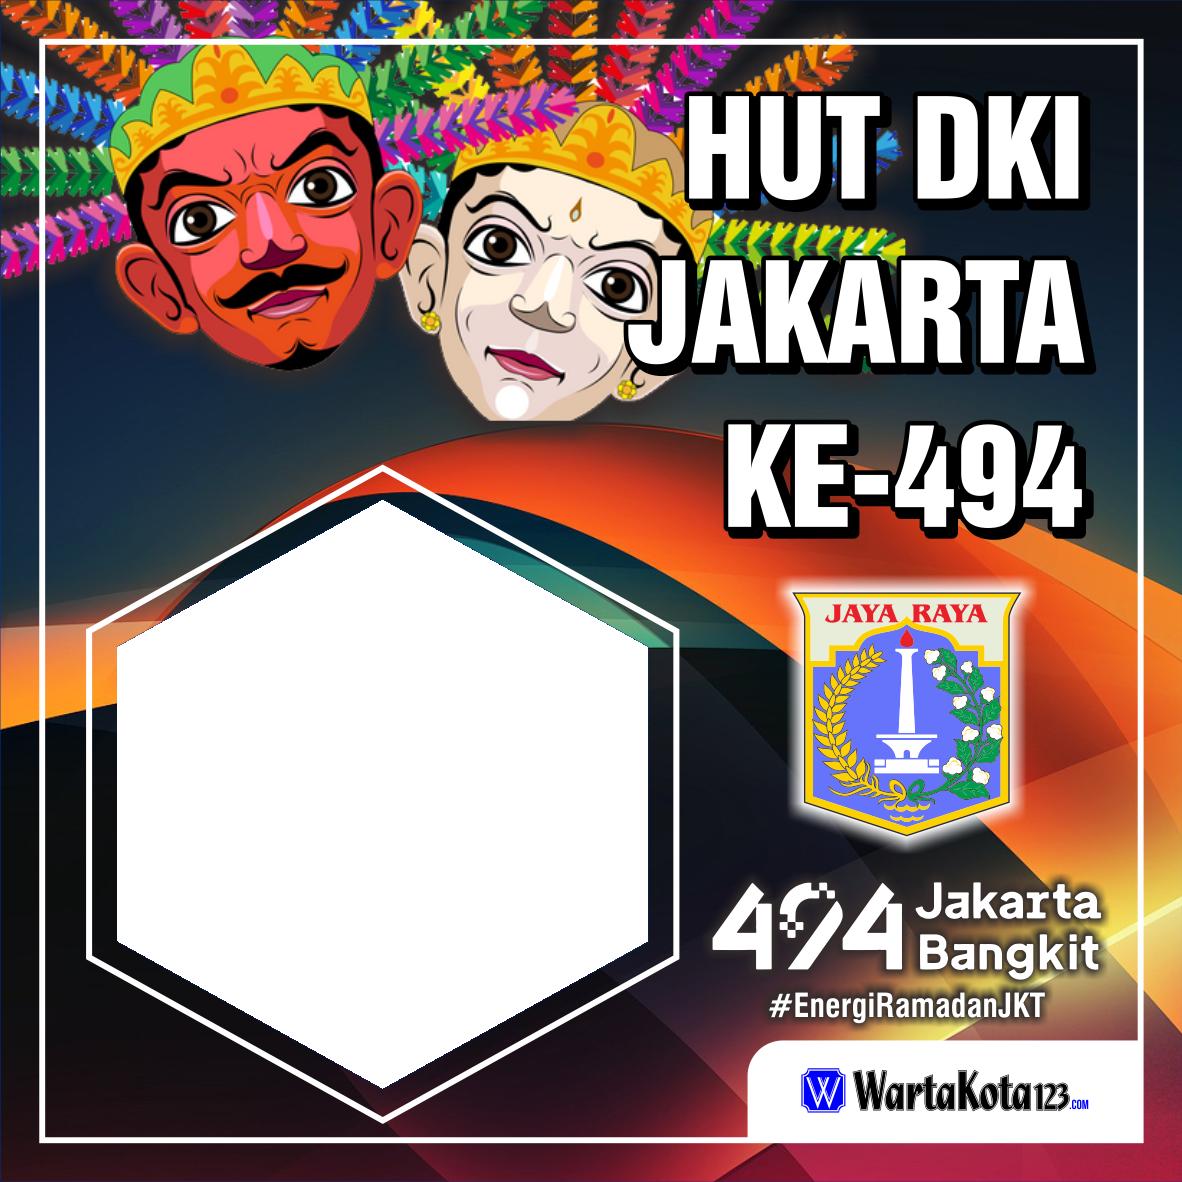 Twibbon HUT DKI Jakarta